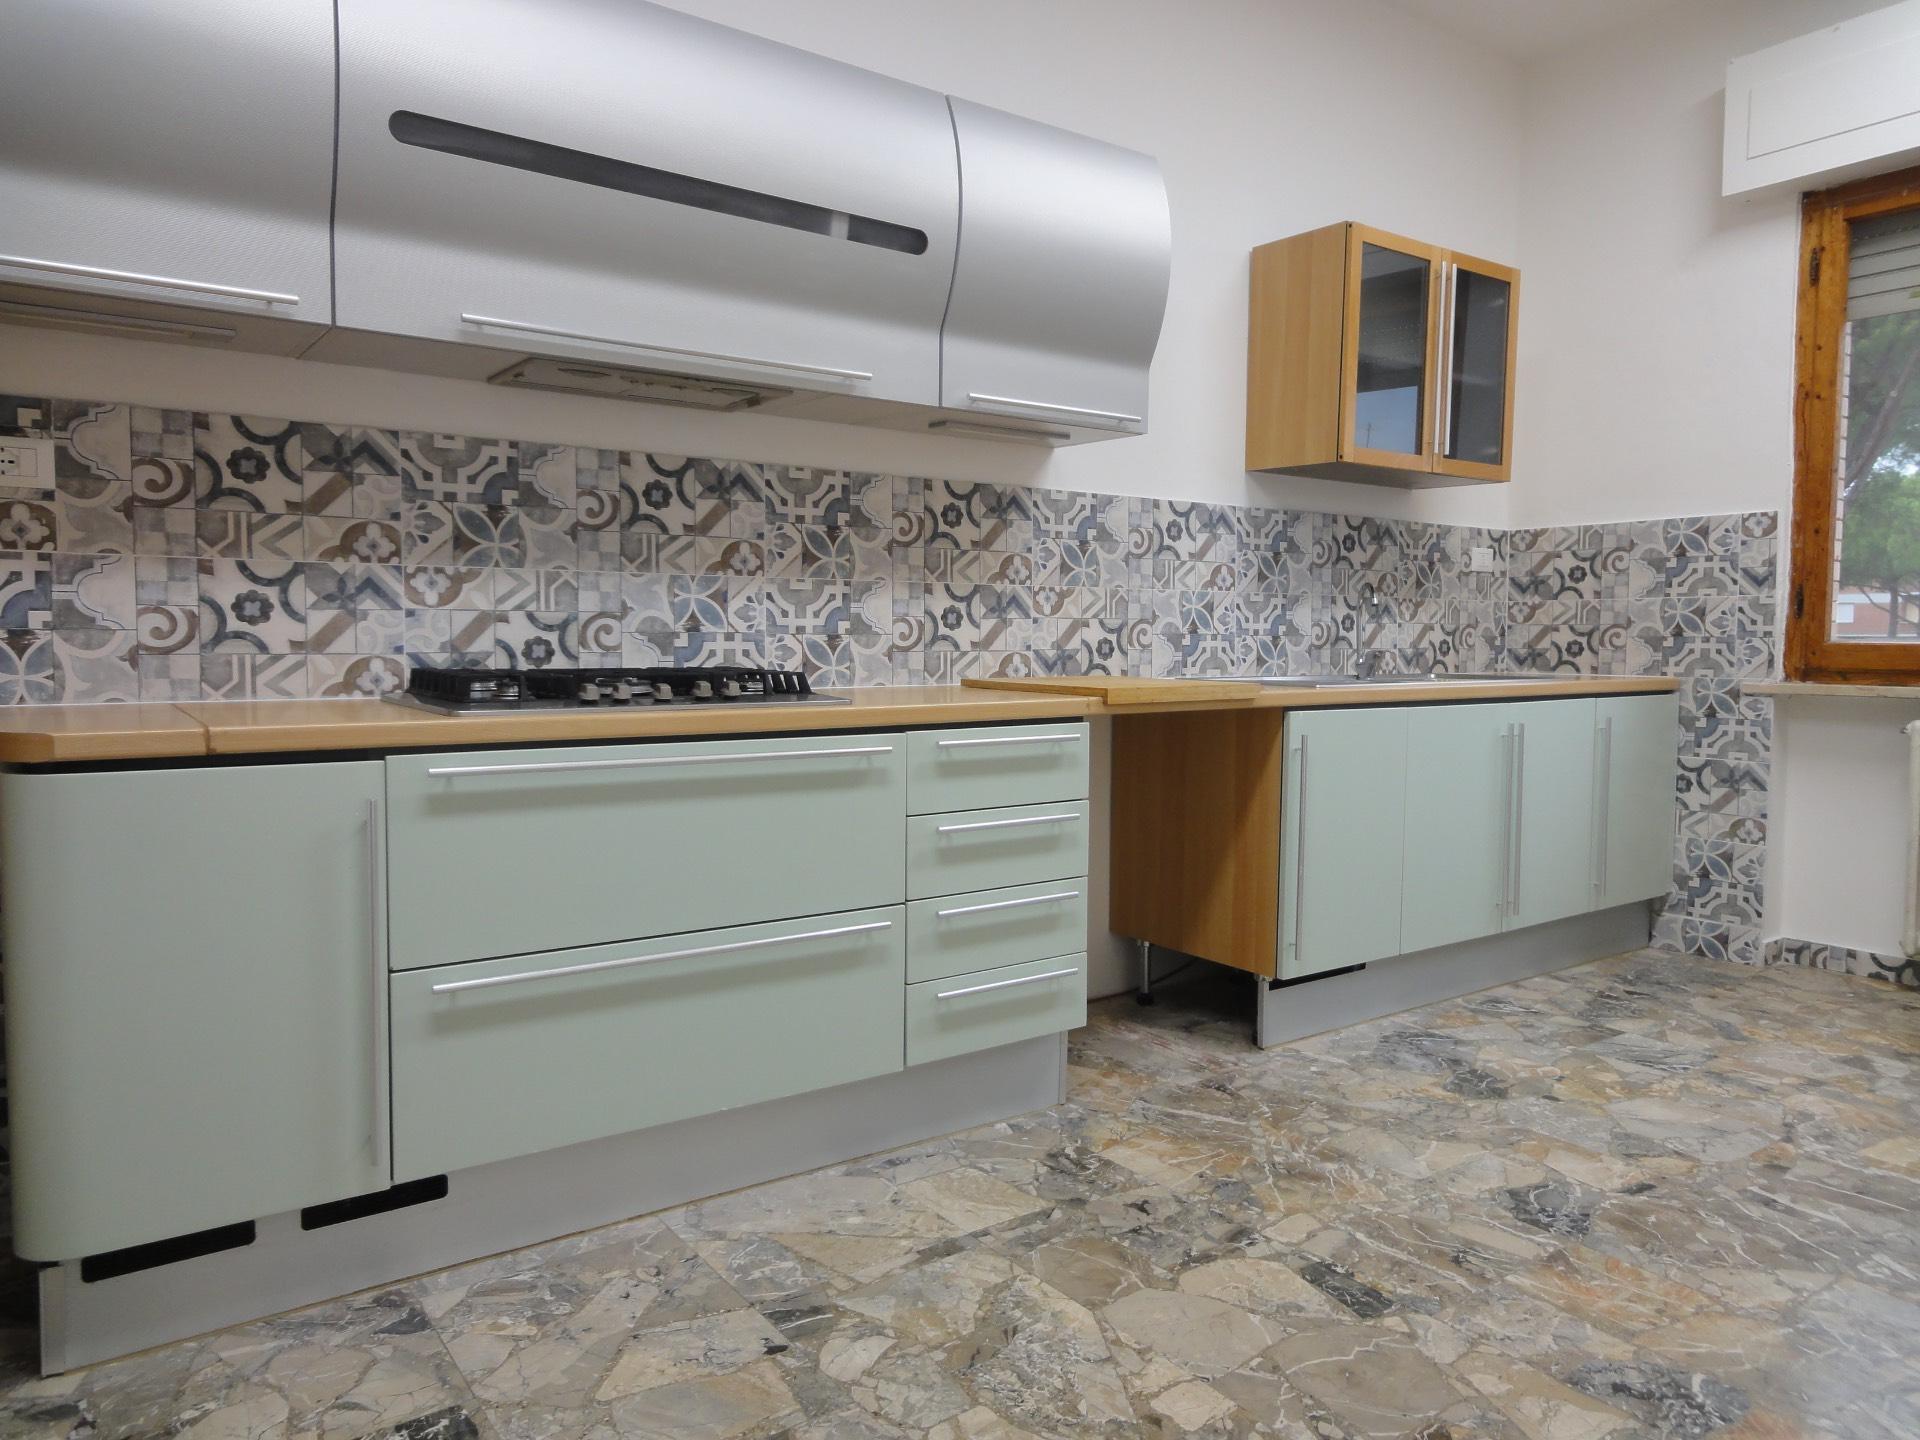 Appartamento in affitto a Pontedera, 6 locali, zona Località: Scolmatore, prezzo € 750 | CambioCasa.it